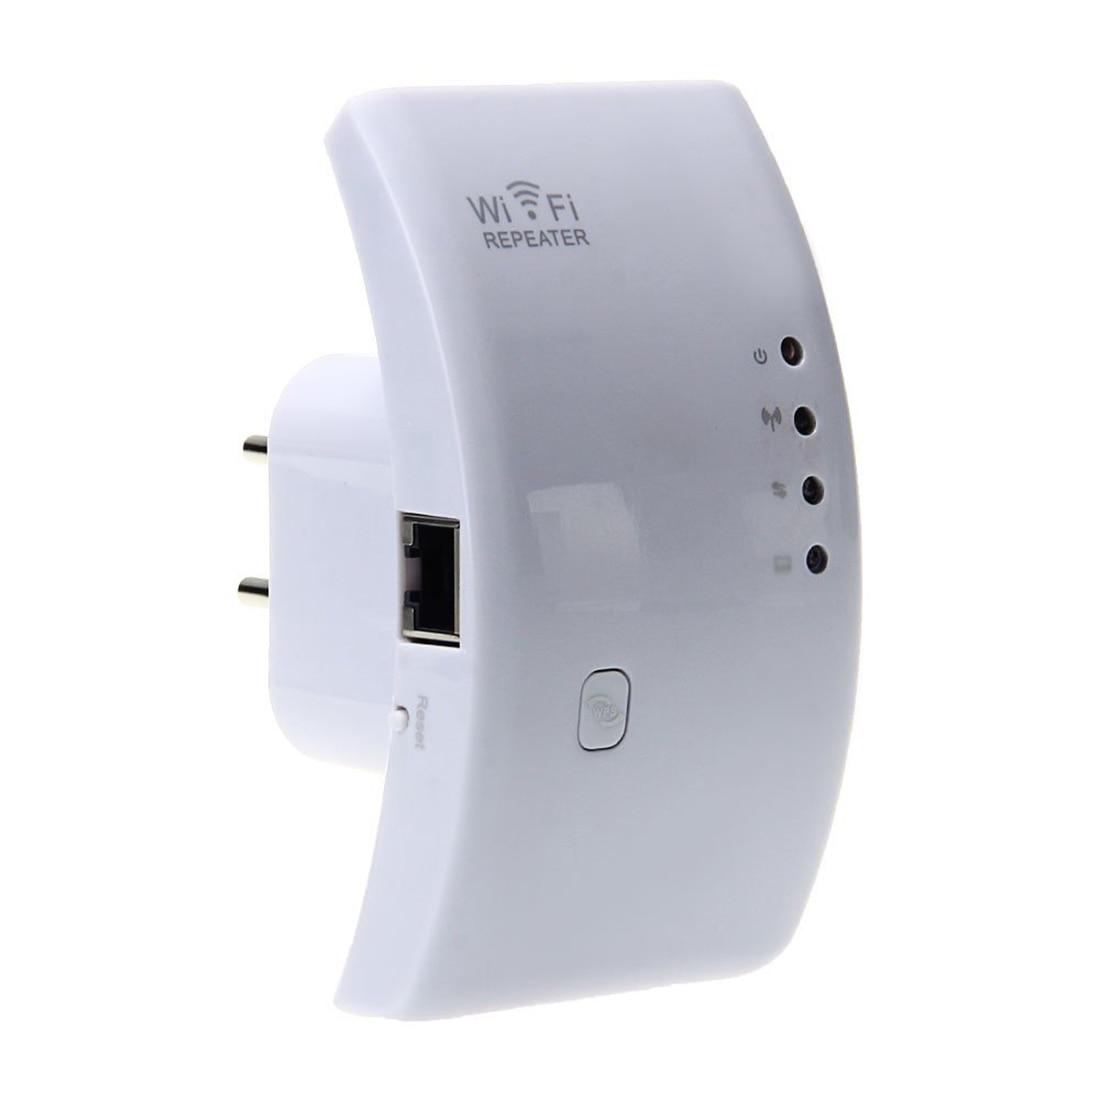 Perif rico como configurar un repetidor wifi - Repetidor de wifi ...